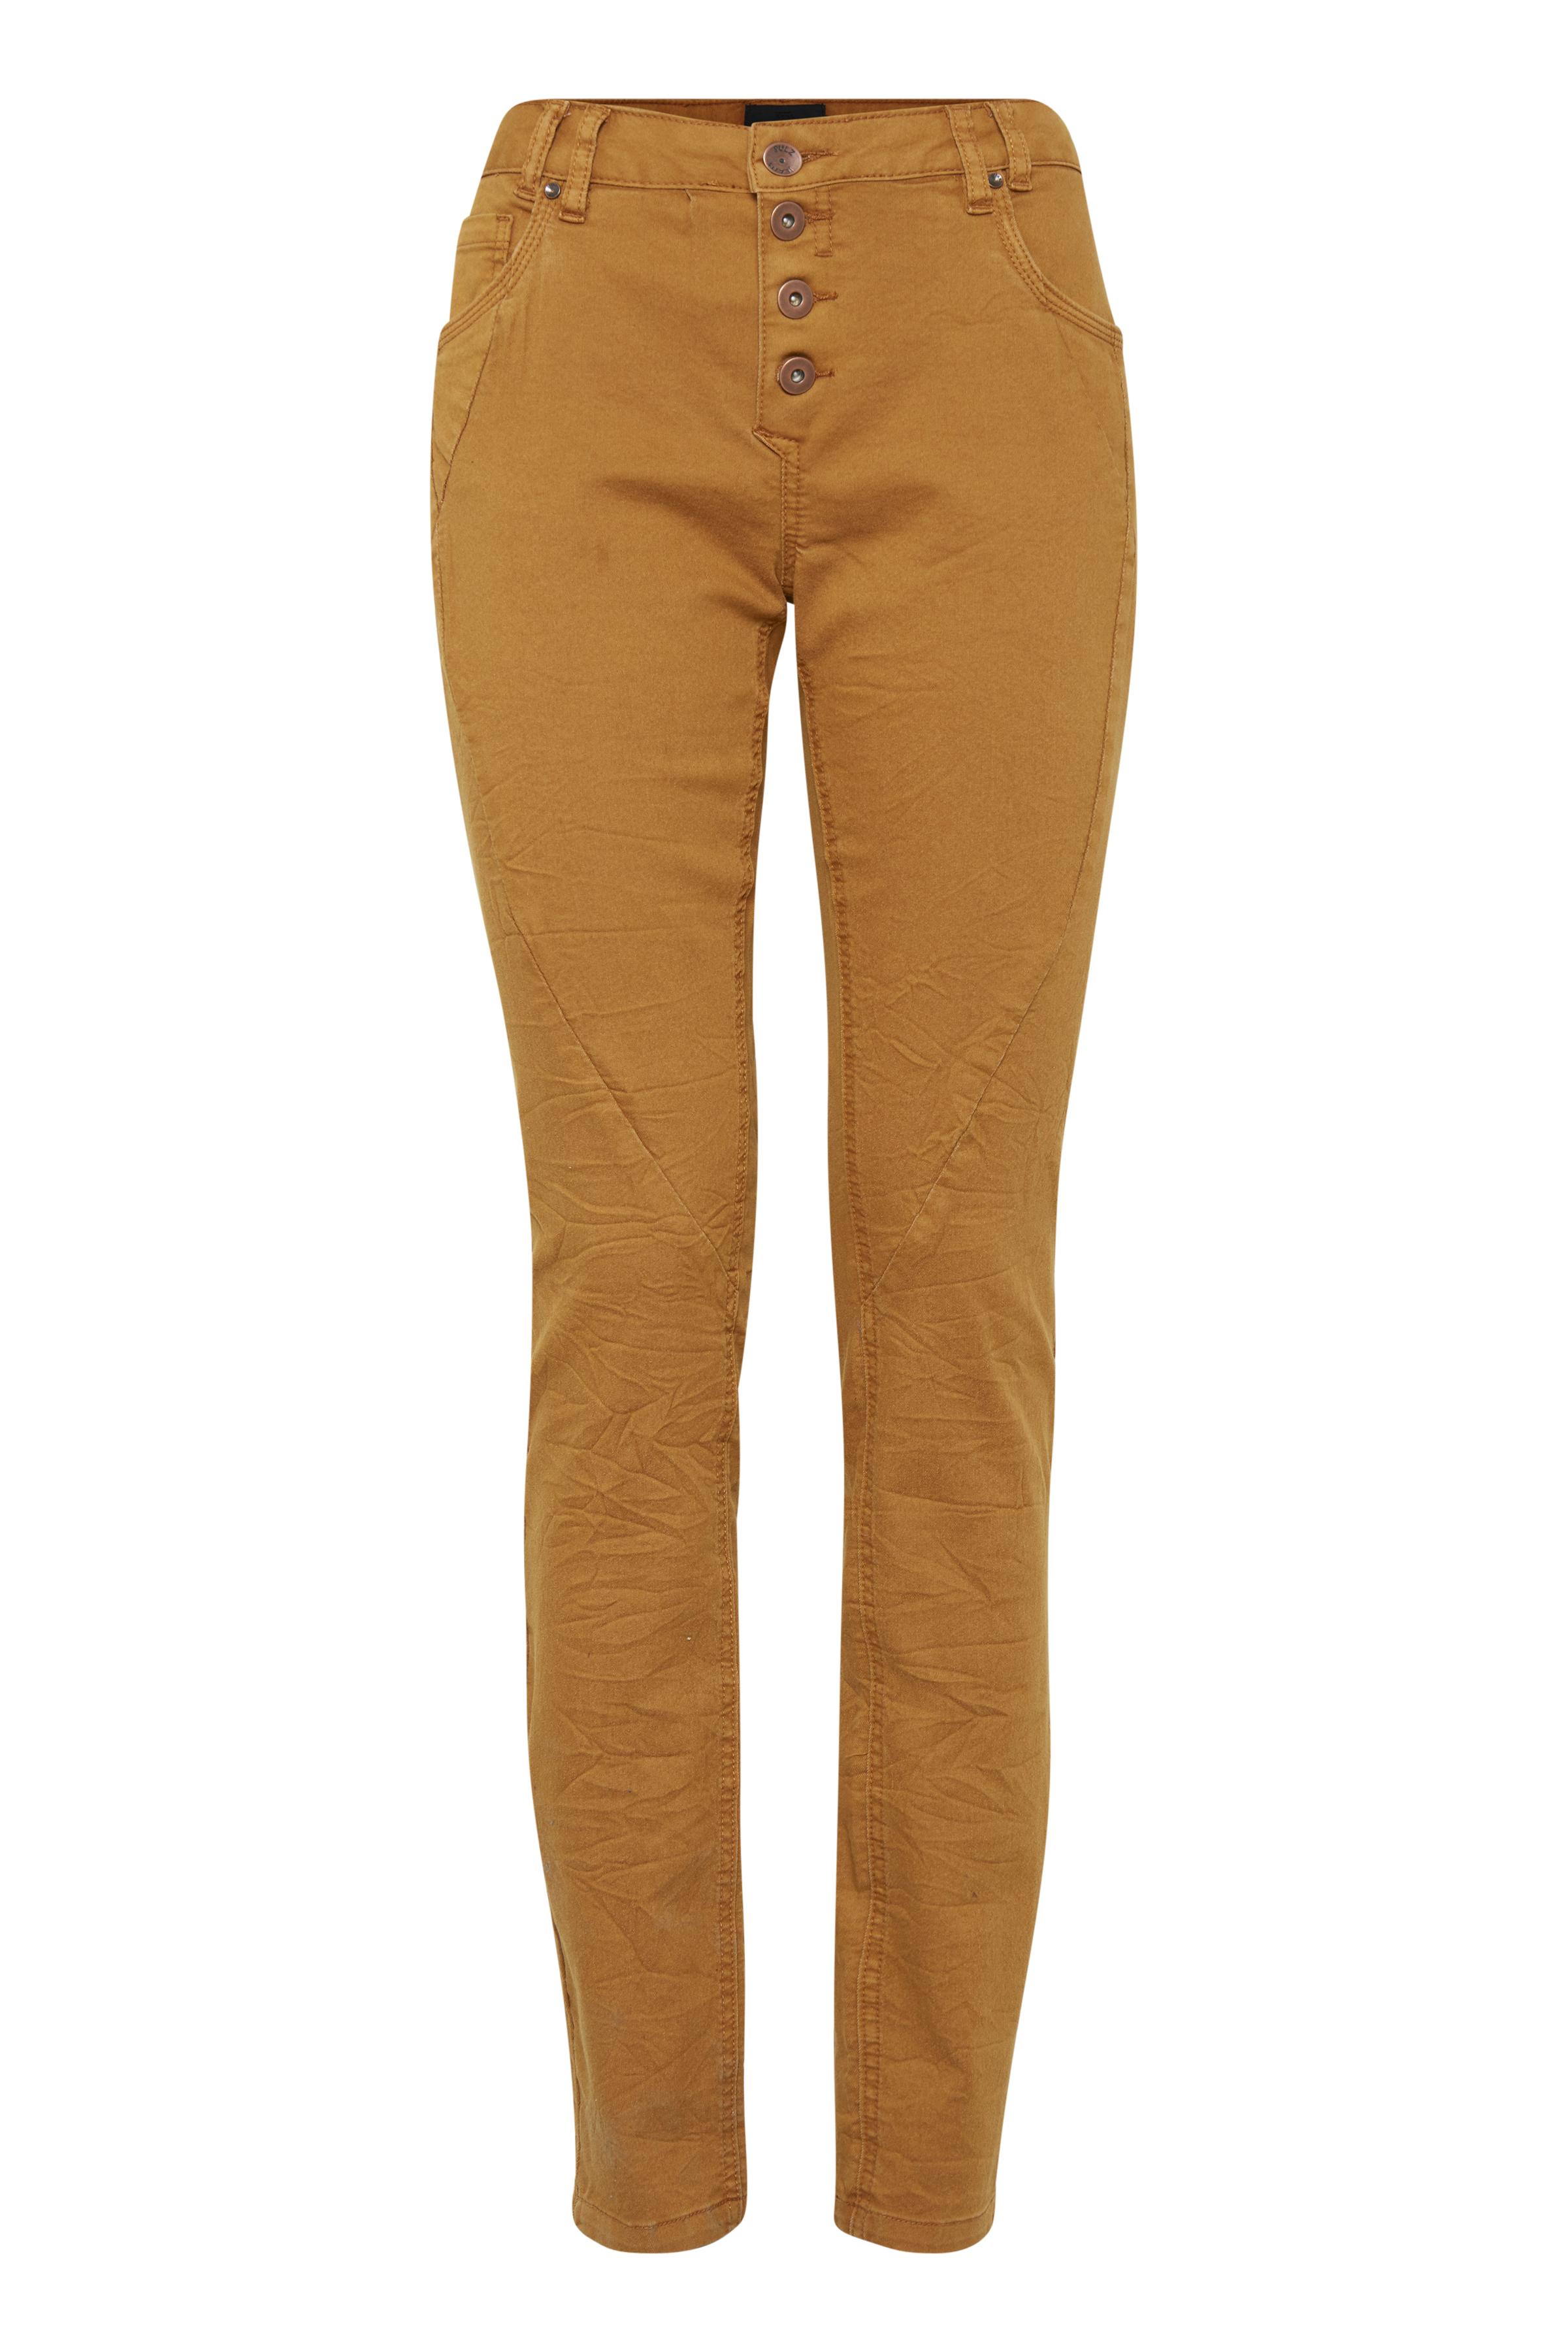 Mørk karry Casual bukser fra Pulz Jeans – Køb Mørk karry Casual bukser fra str. 32-46 her